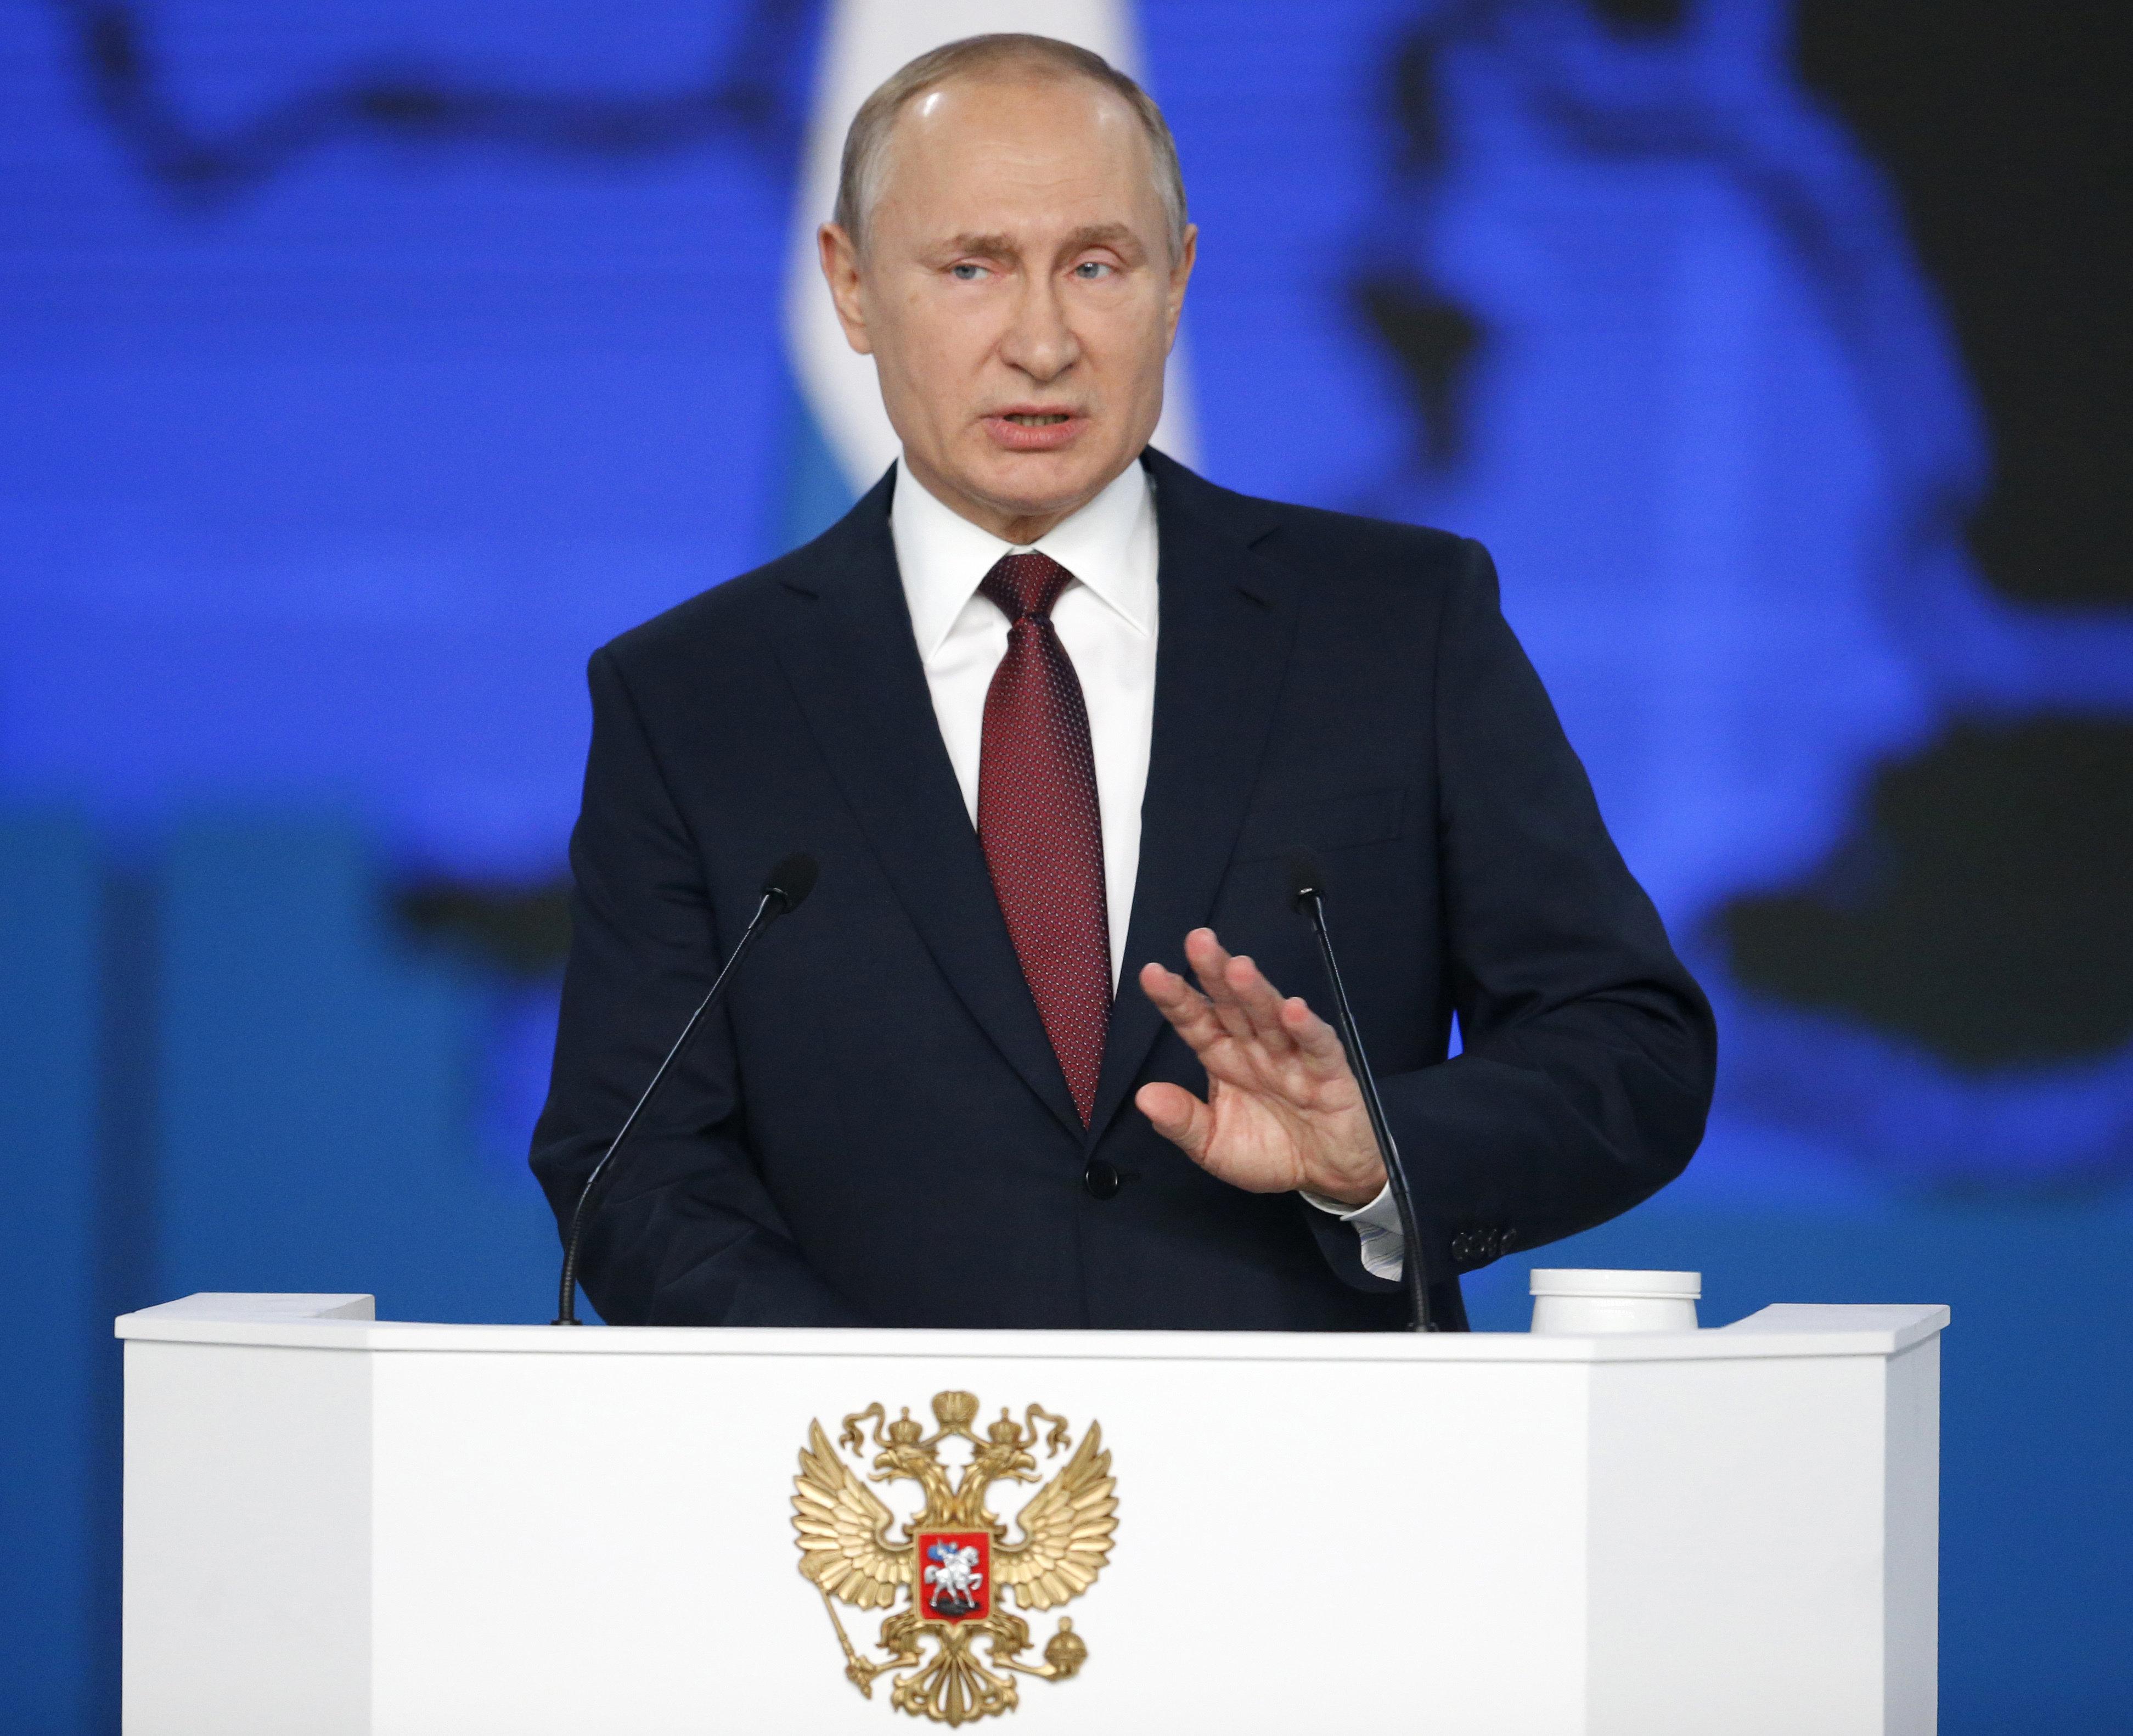 Πούτιν: Αν οι Αμερικανοί εγκαταστήσουν πυραύλους στην Ευρώπη, θα στοχεύσουμε και «τα κέντρα λήψης